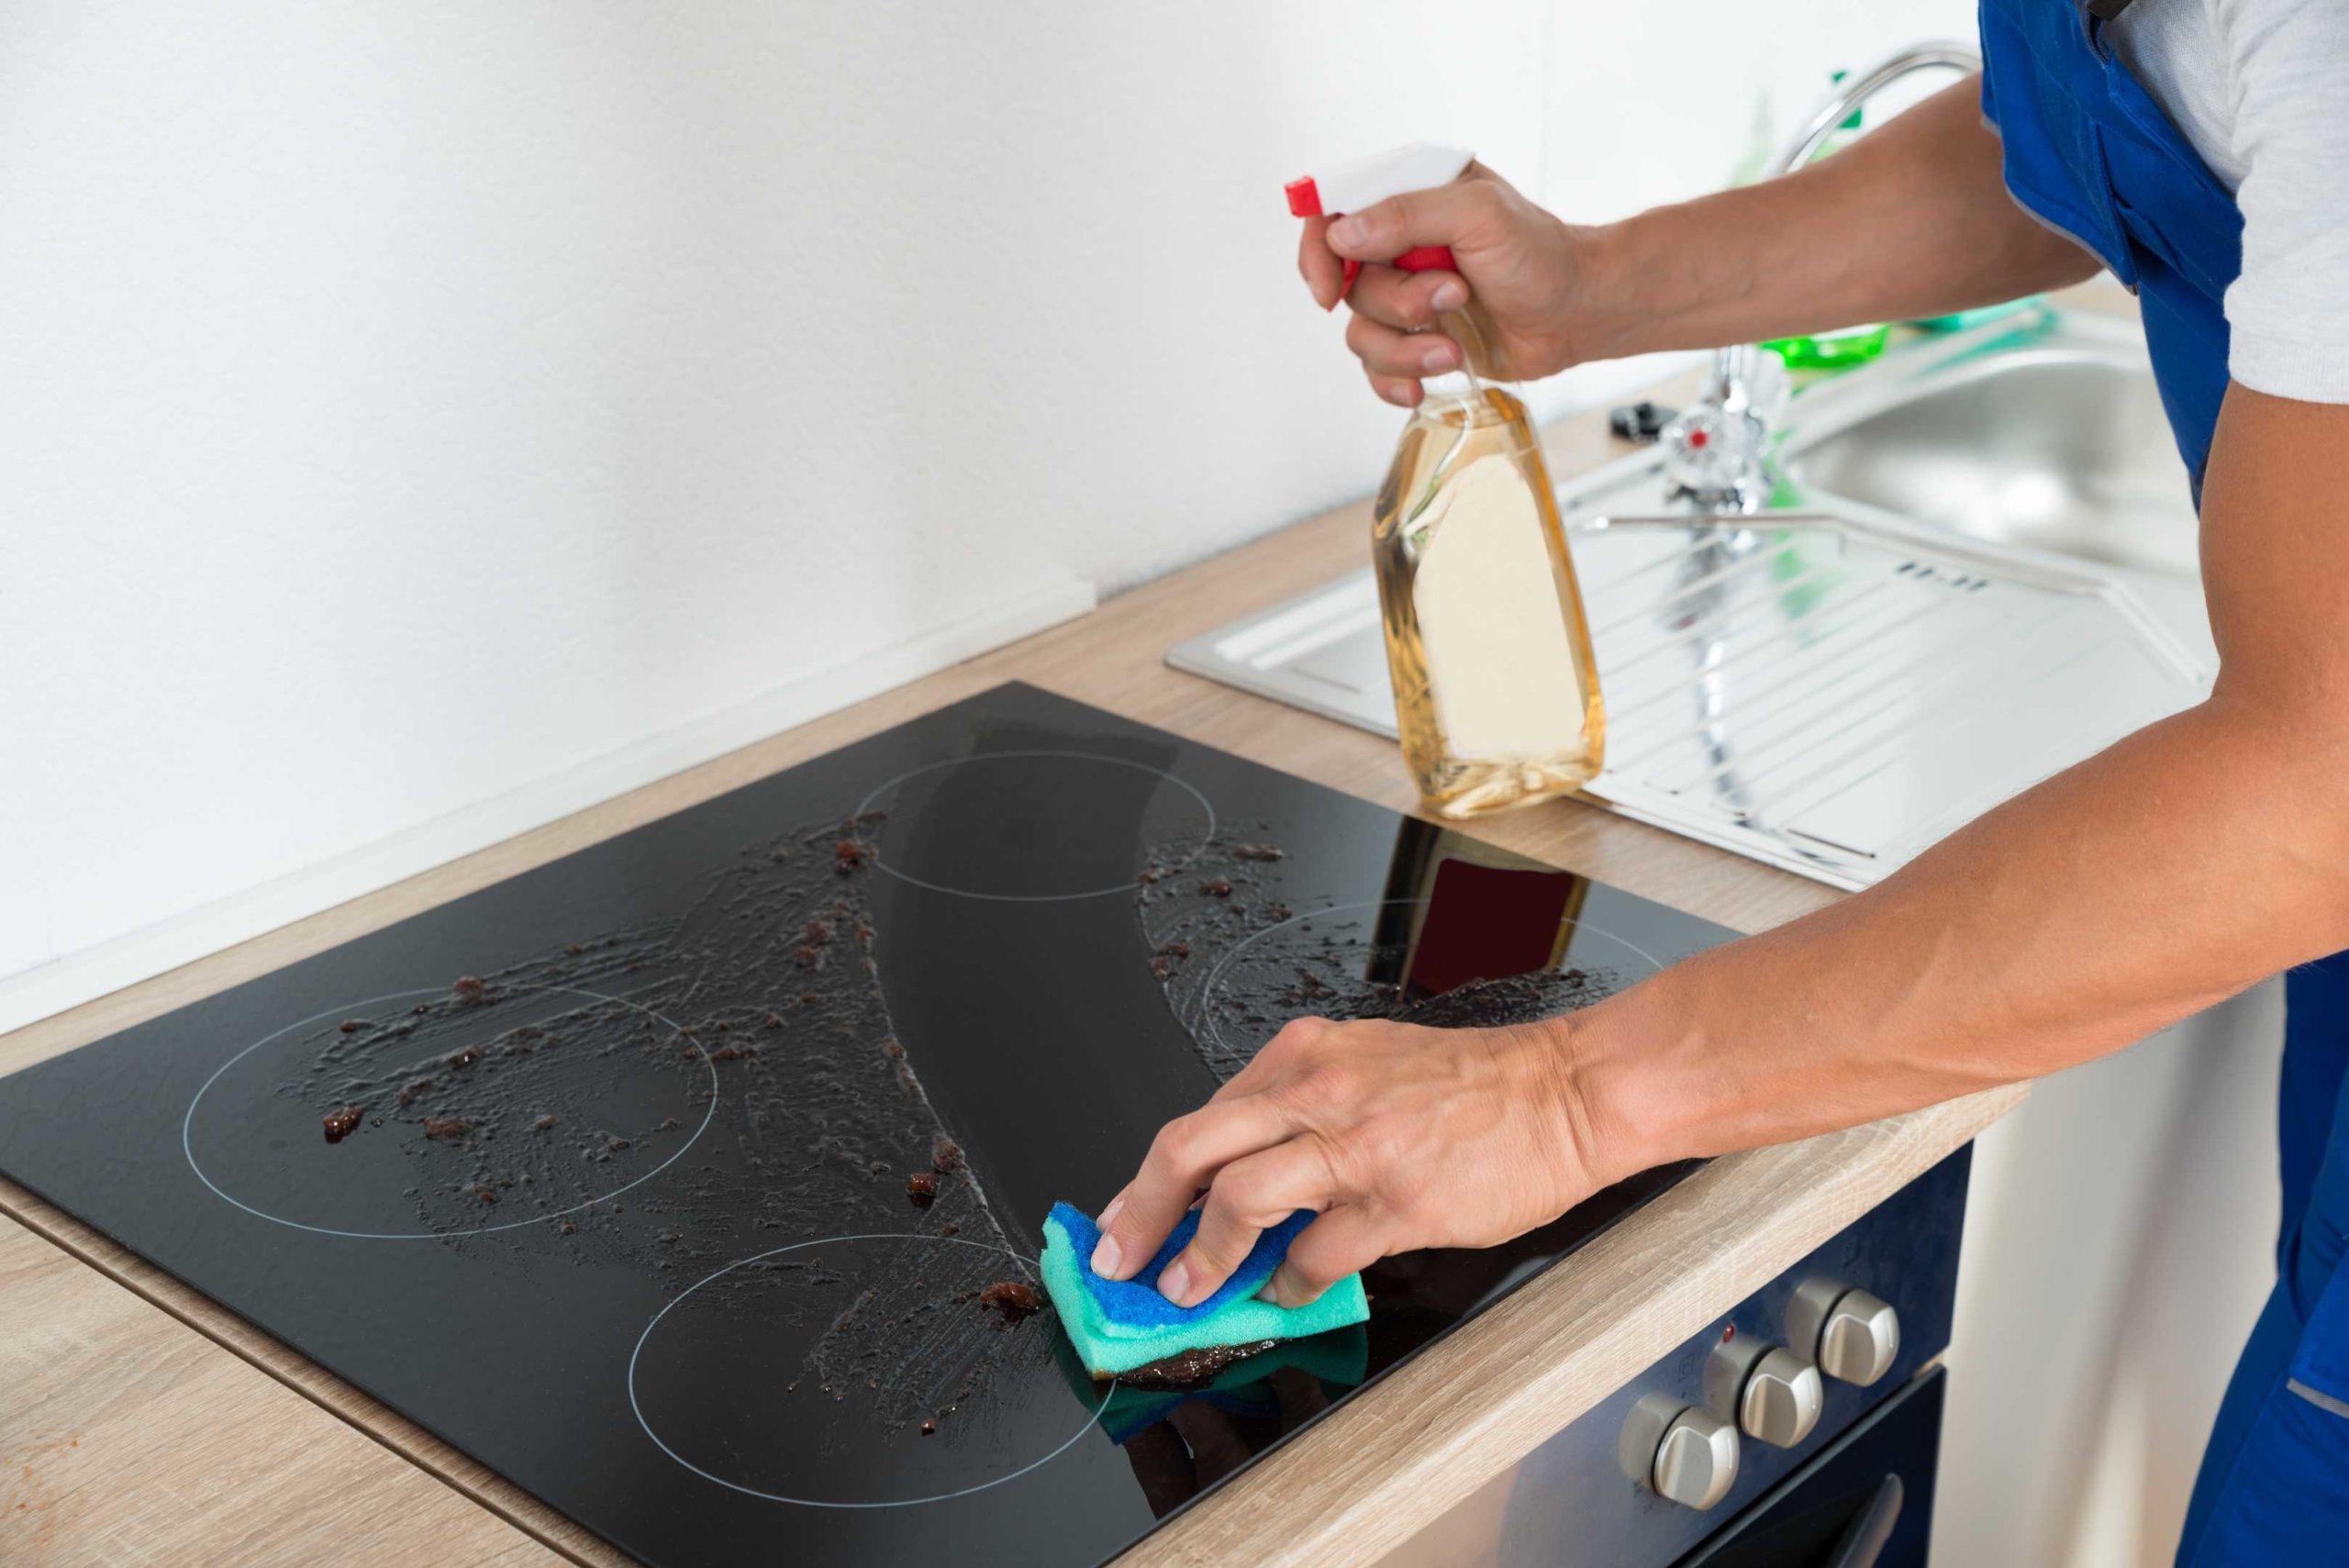 чистка плиты оливковым маслом